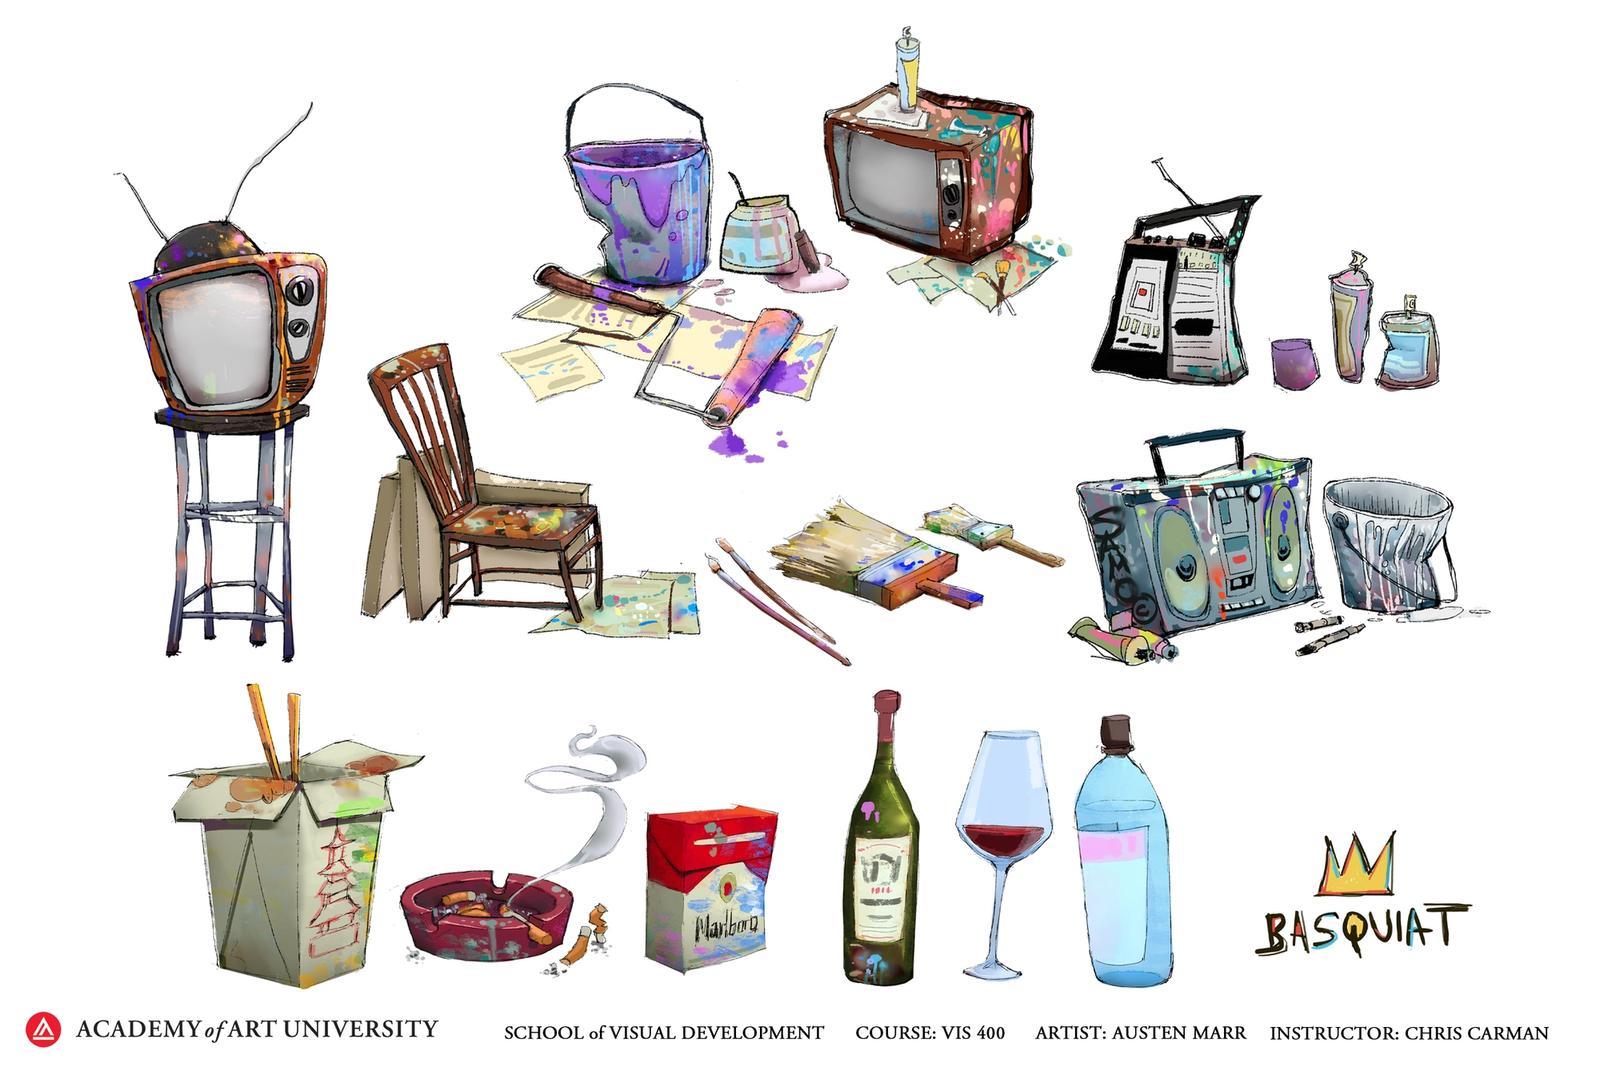 Basquiat's Tools